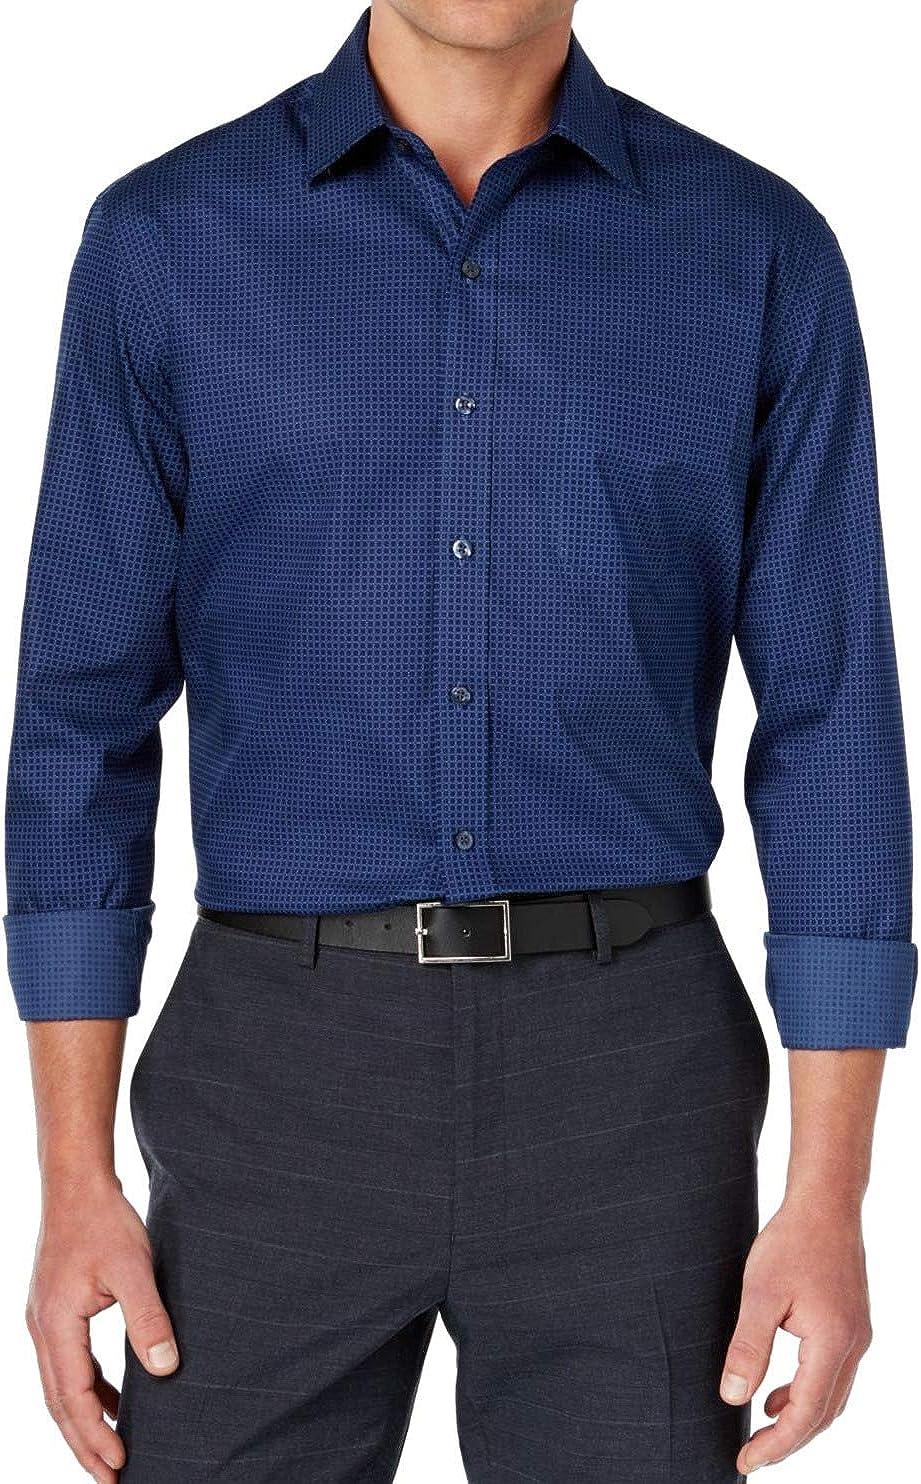 Tasso Elba Mens Foulard Button Up Shirt